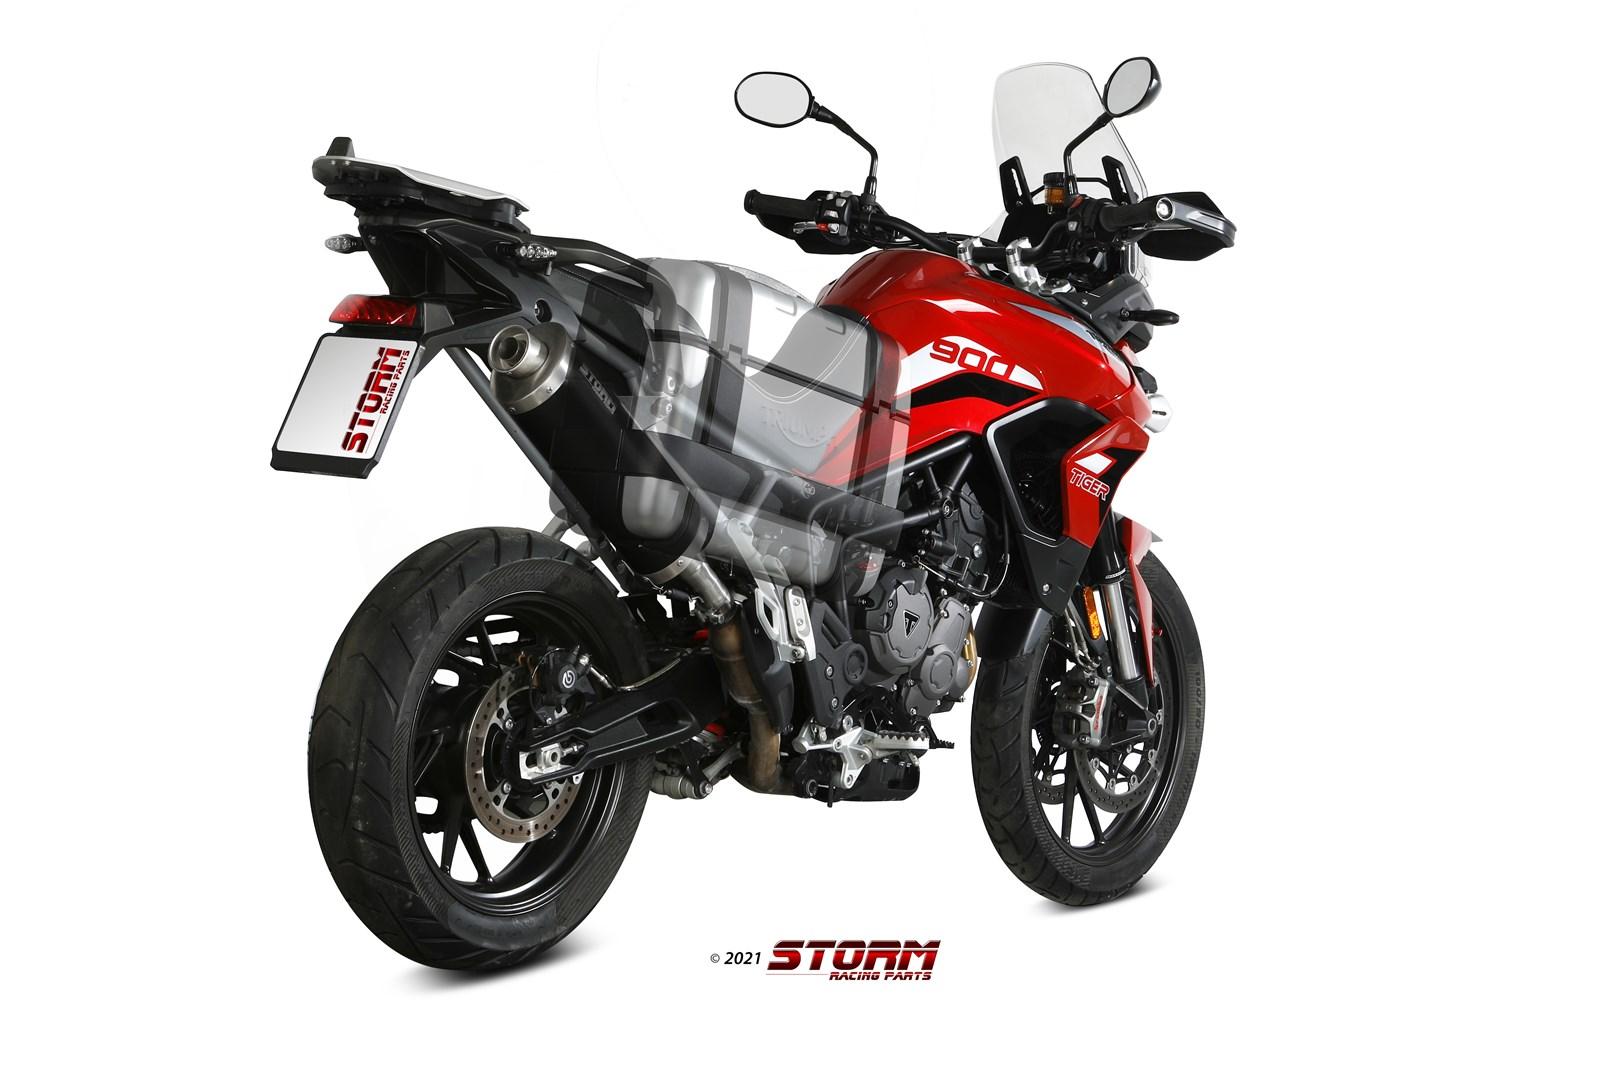 Triumph_Tiger900_2020_74T018LX2B_$12